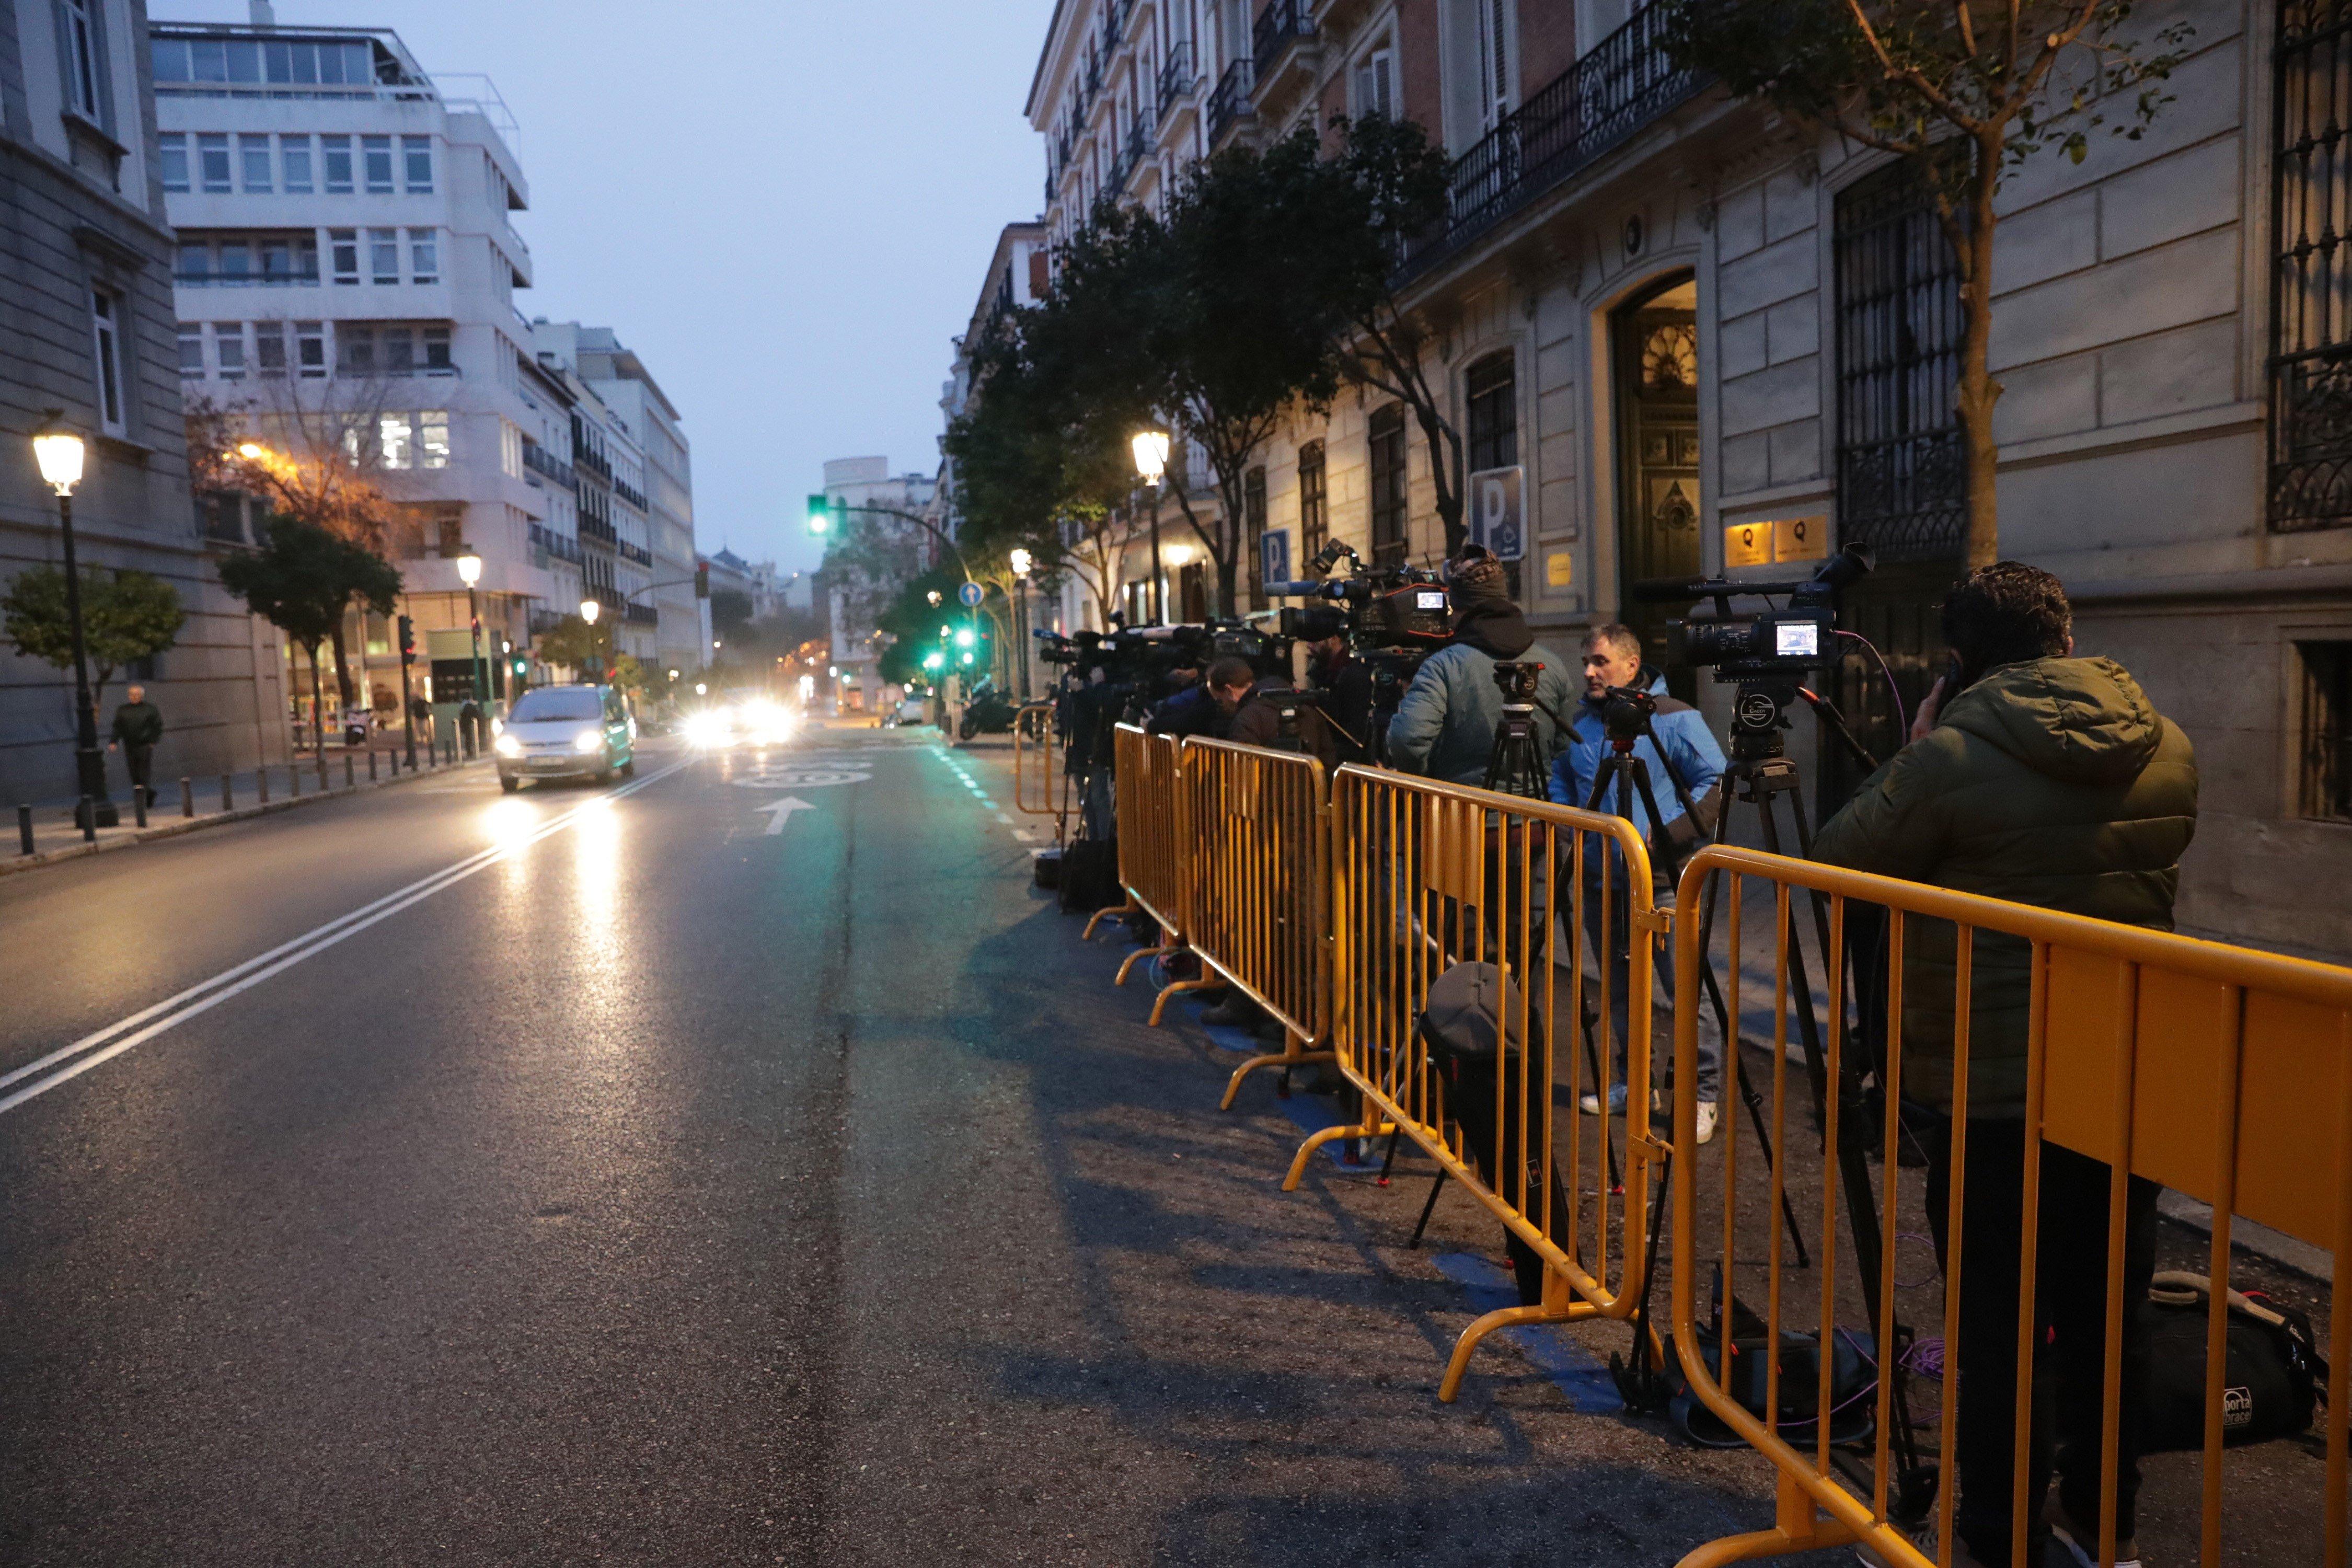 Nombrosos mitjans de comunicació esperen des de primera hora del matí als voltants del Tribunal Suprem que avui estudia el recurs contra la presó de l' exvicepresident català Oriol Junqueras. / EFE